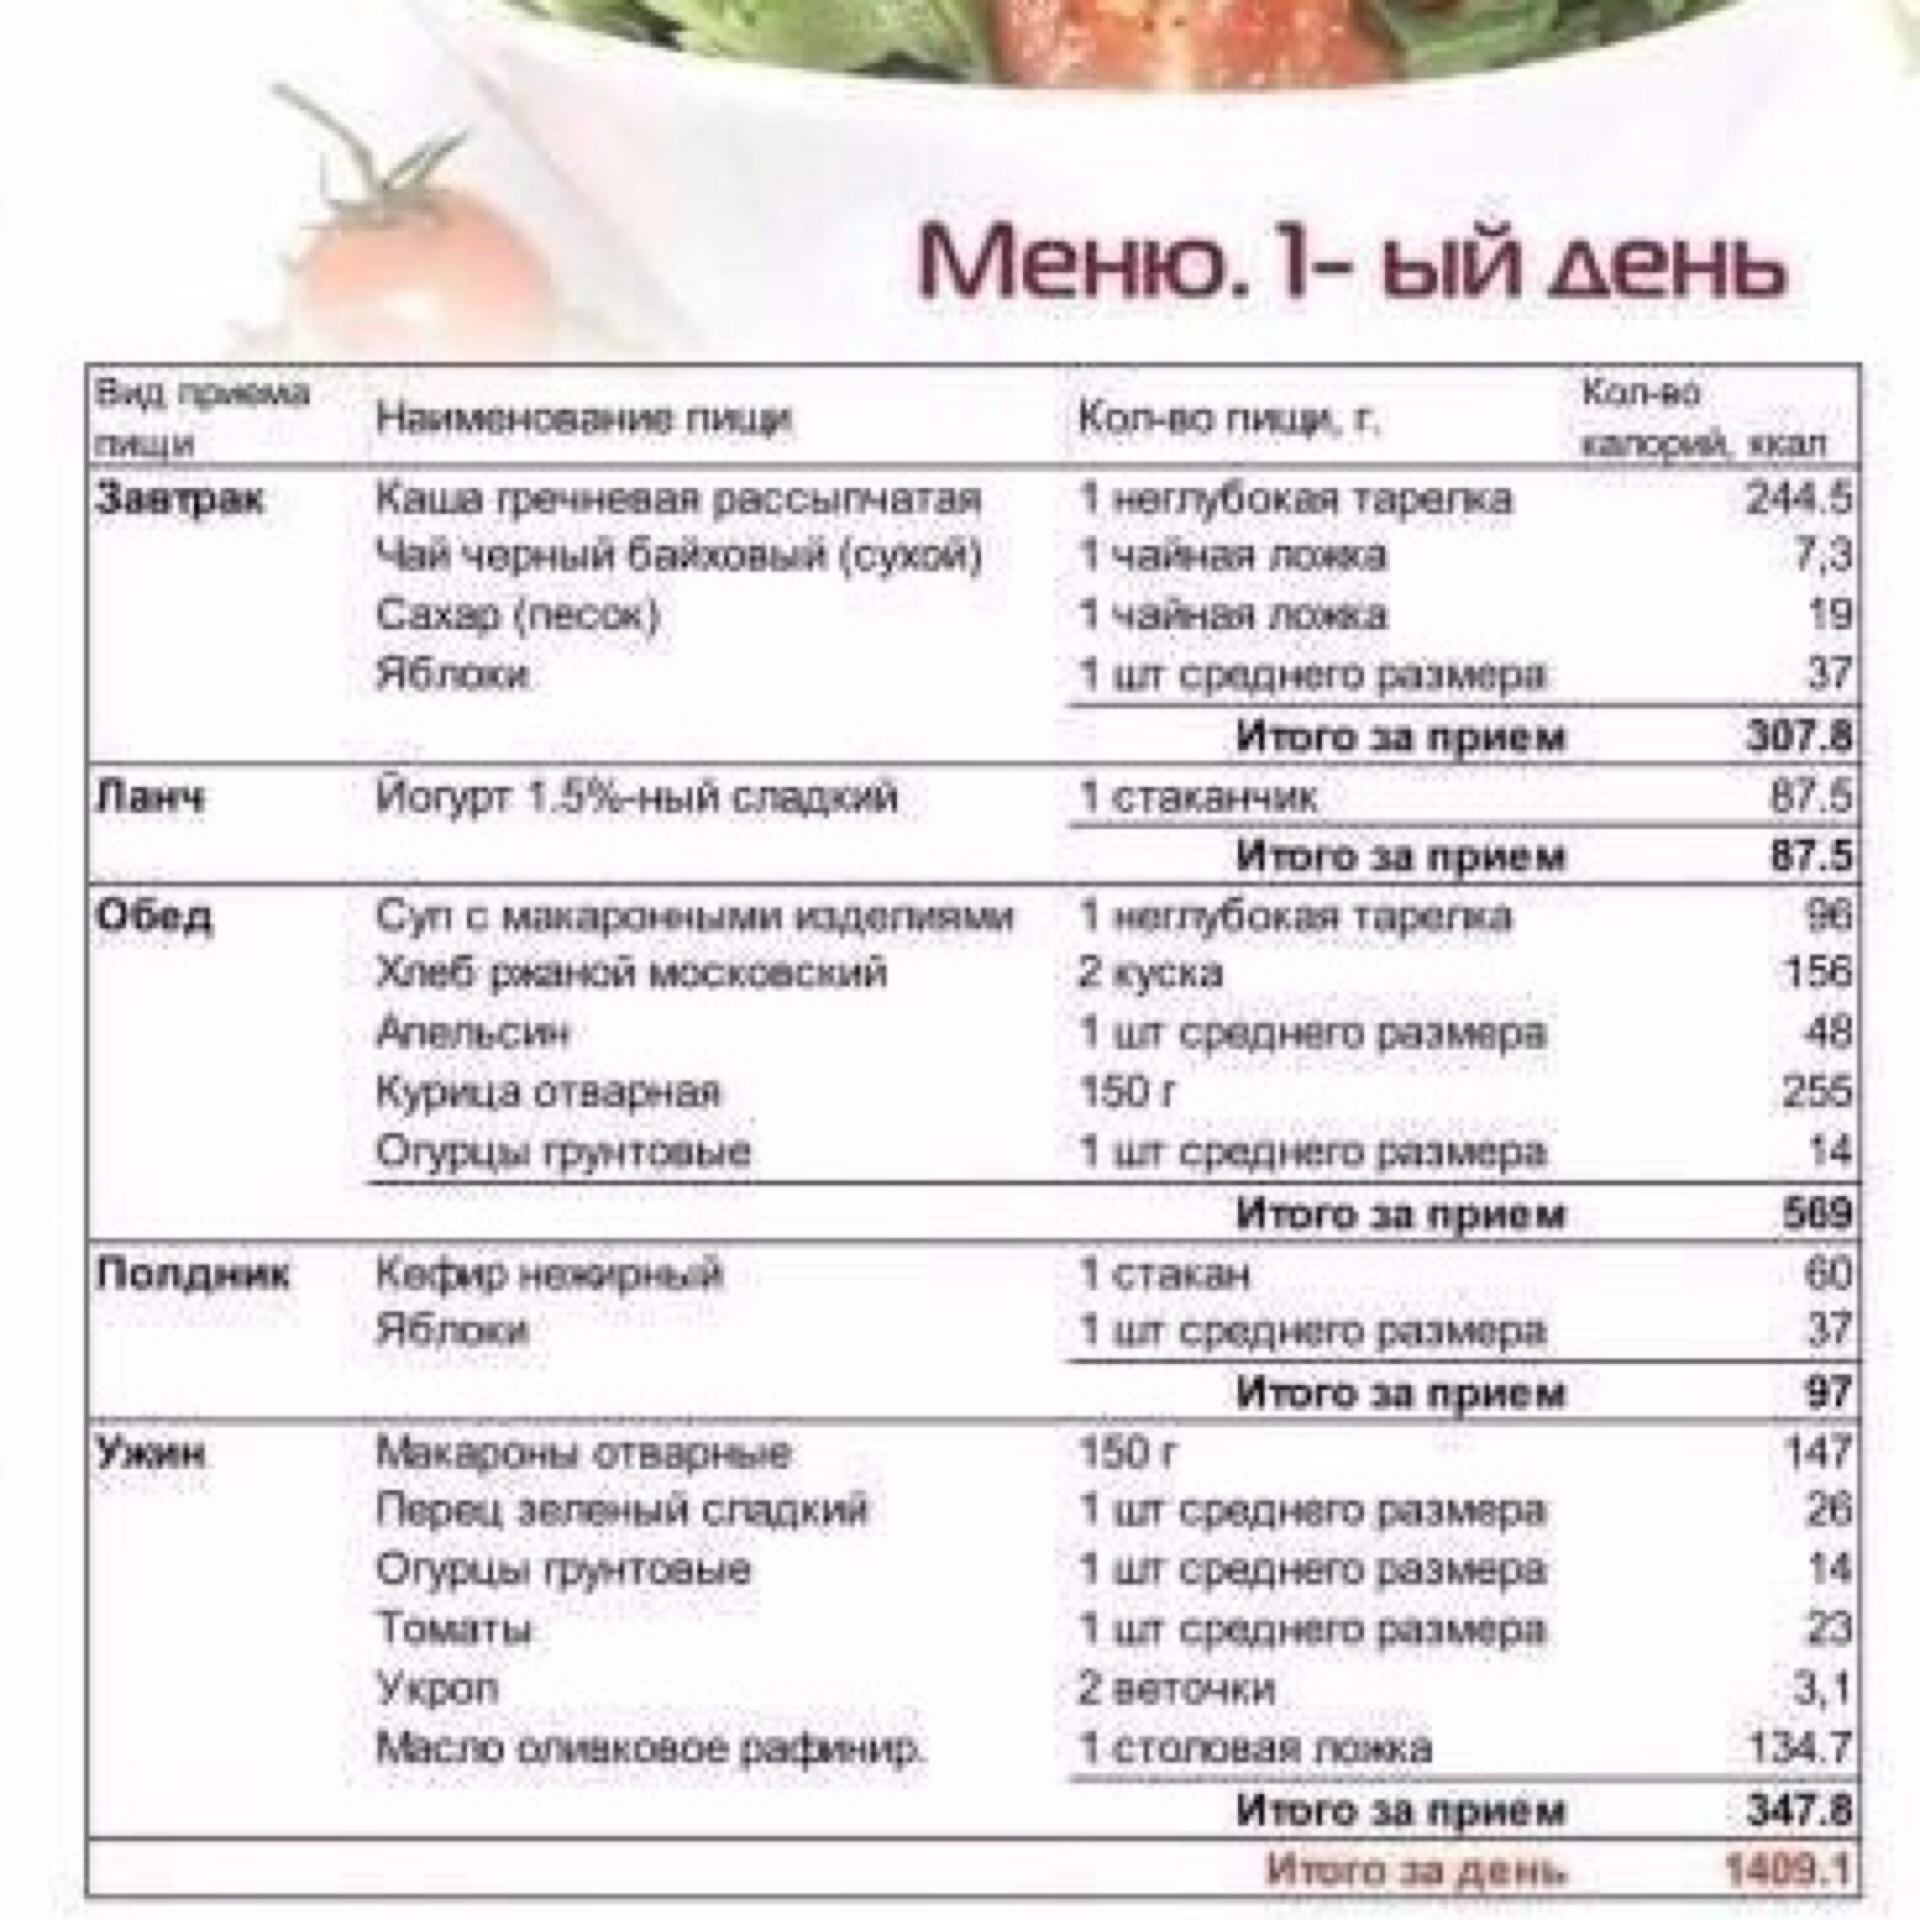 Похудеть дома меню